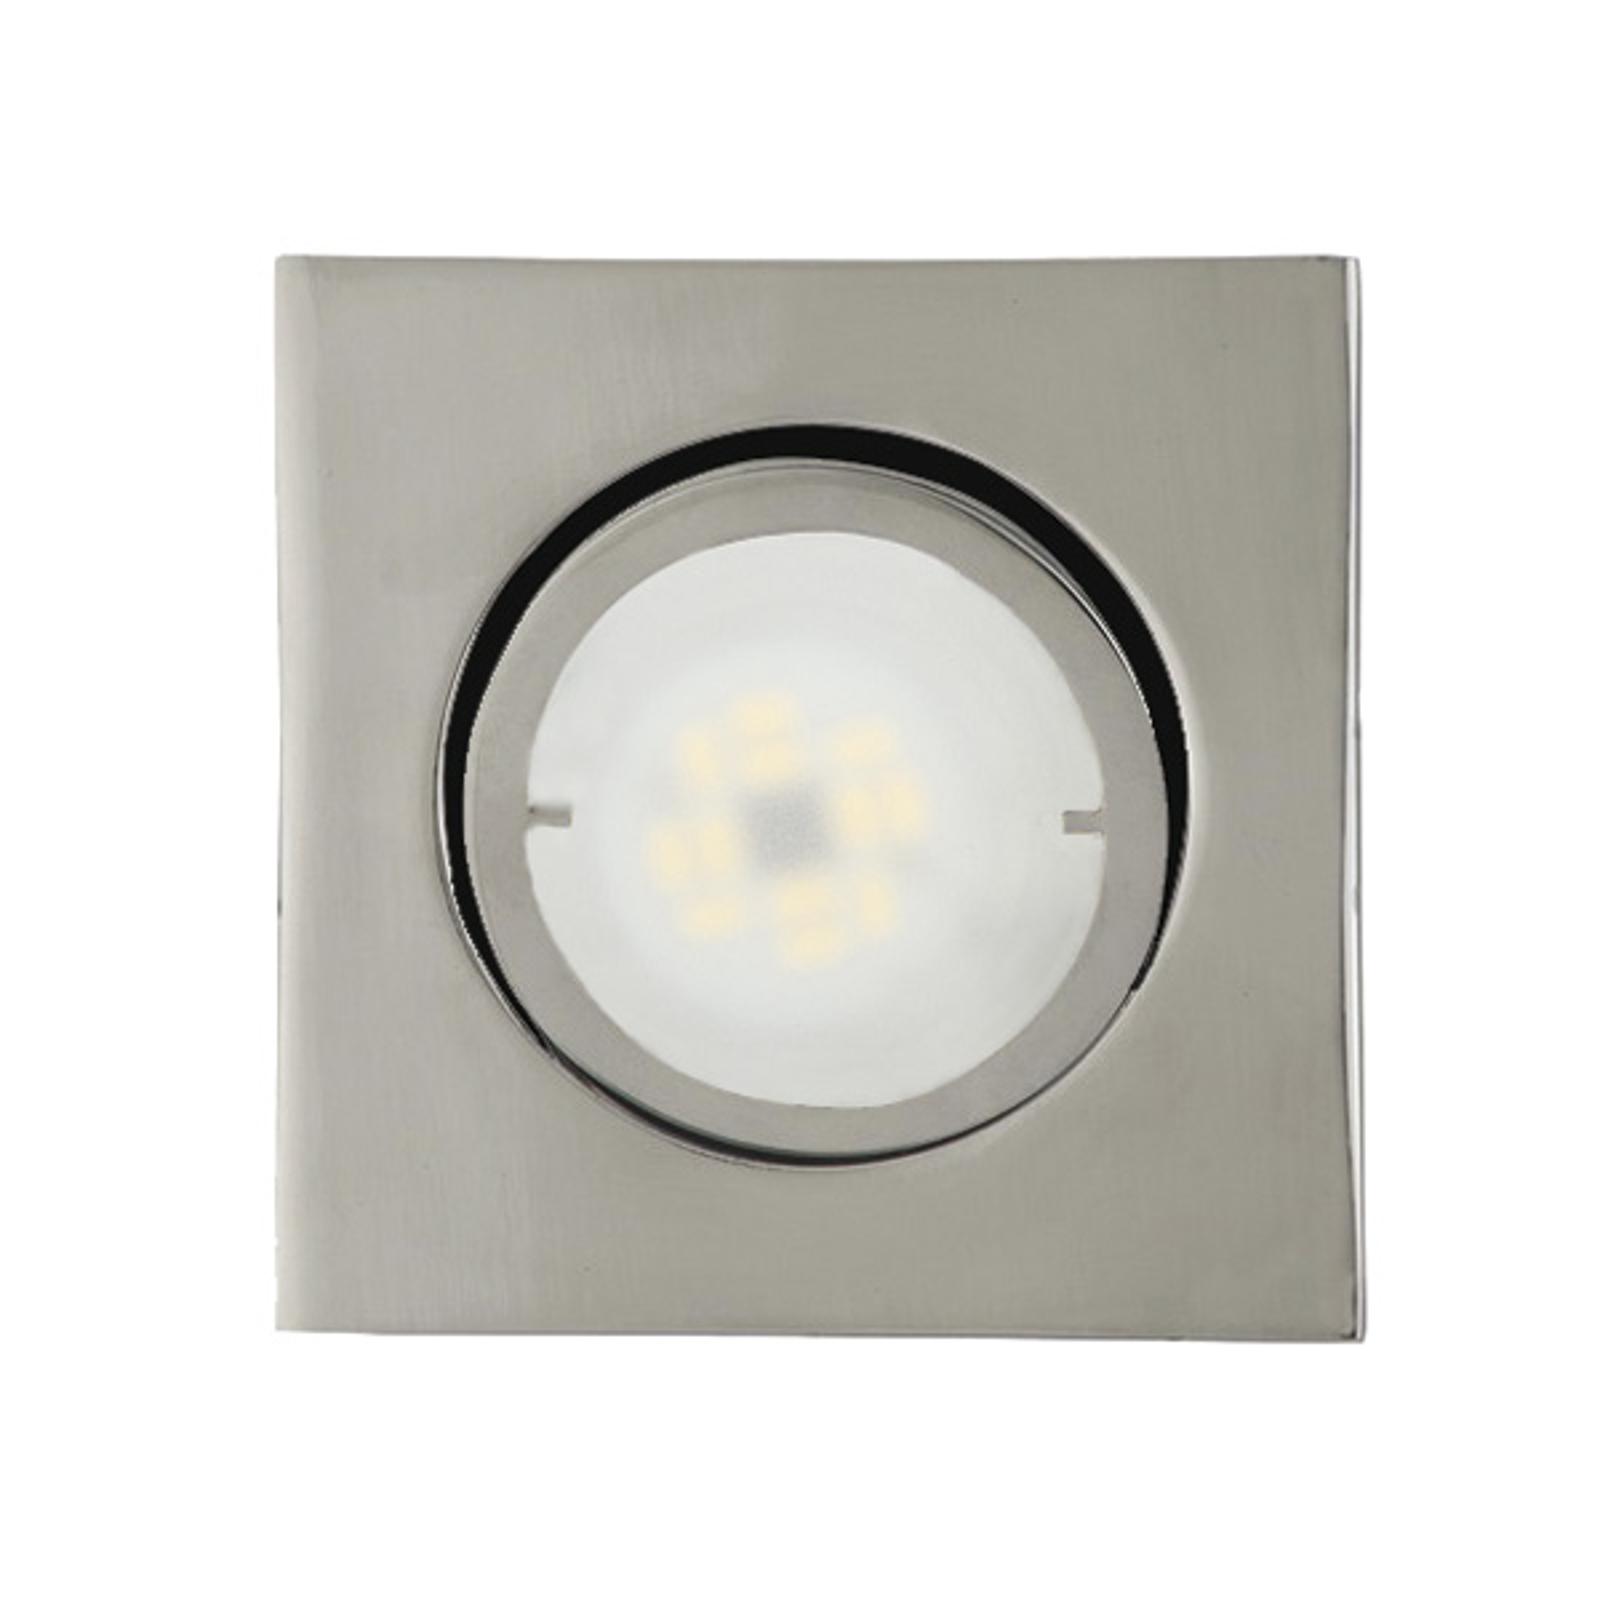 Prostokątna lampa wpuszczana LED JOANIE, chrom